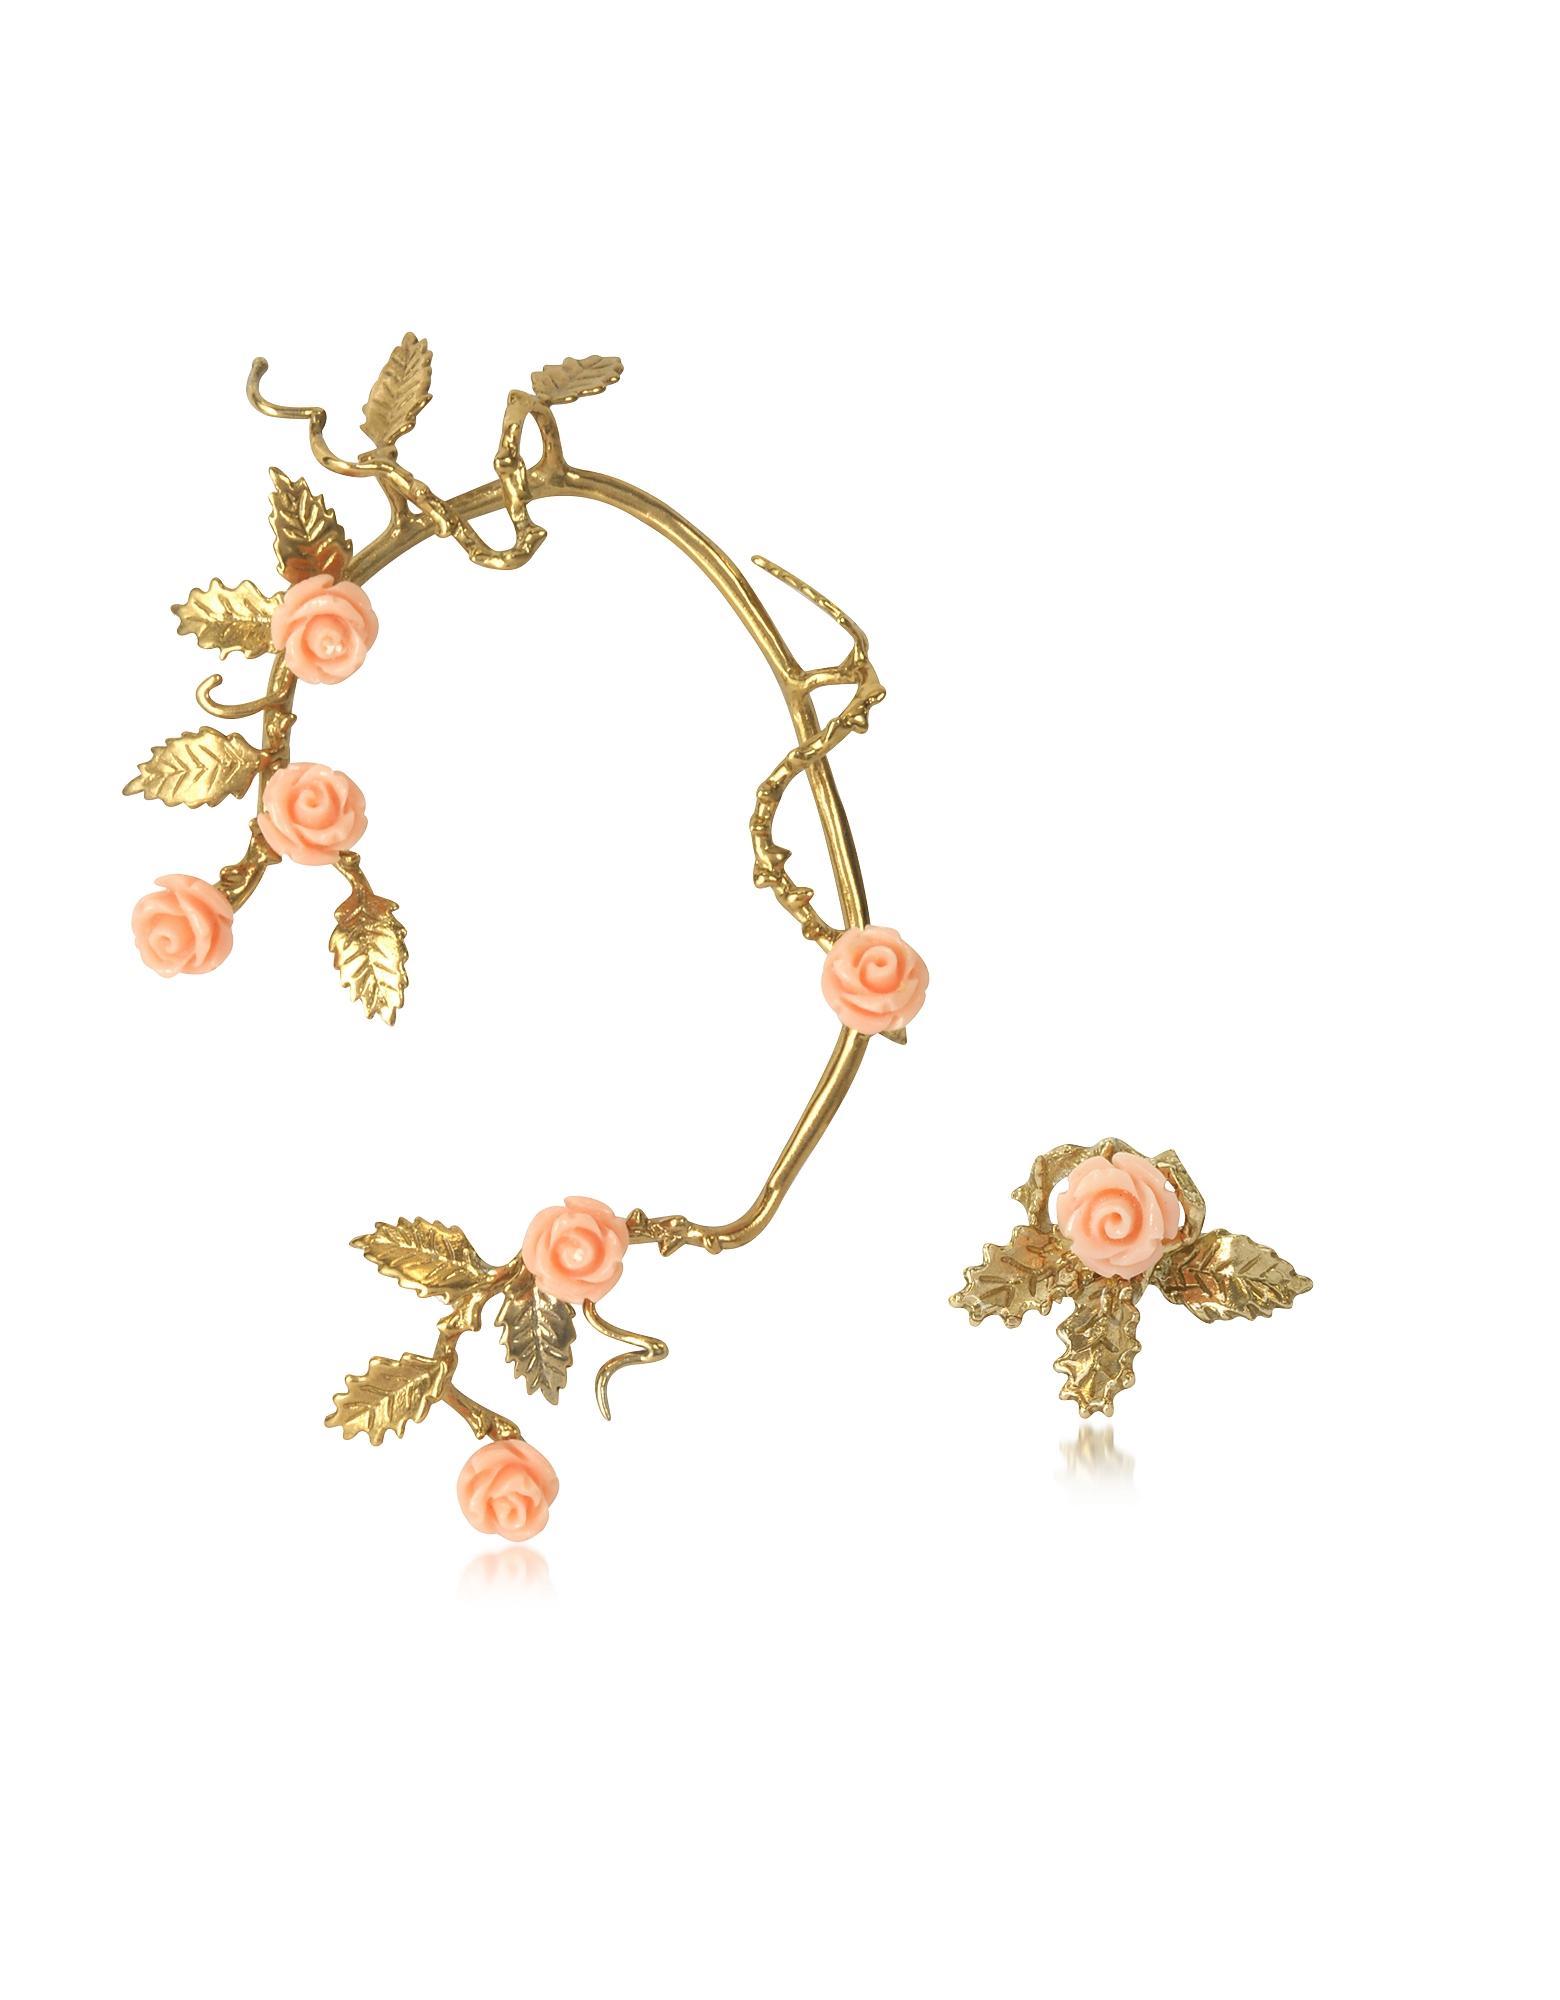 Бронзовая Серьга Кафф с Бледно-розовыми Розами из Смолы